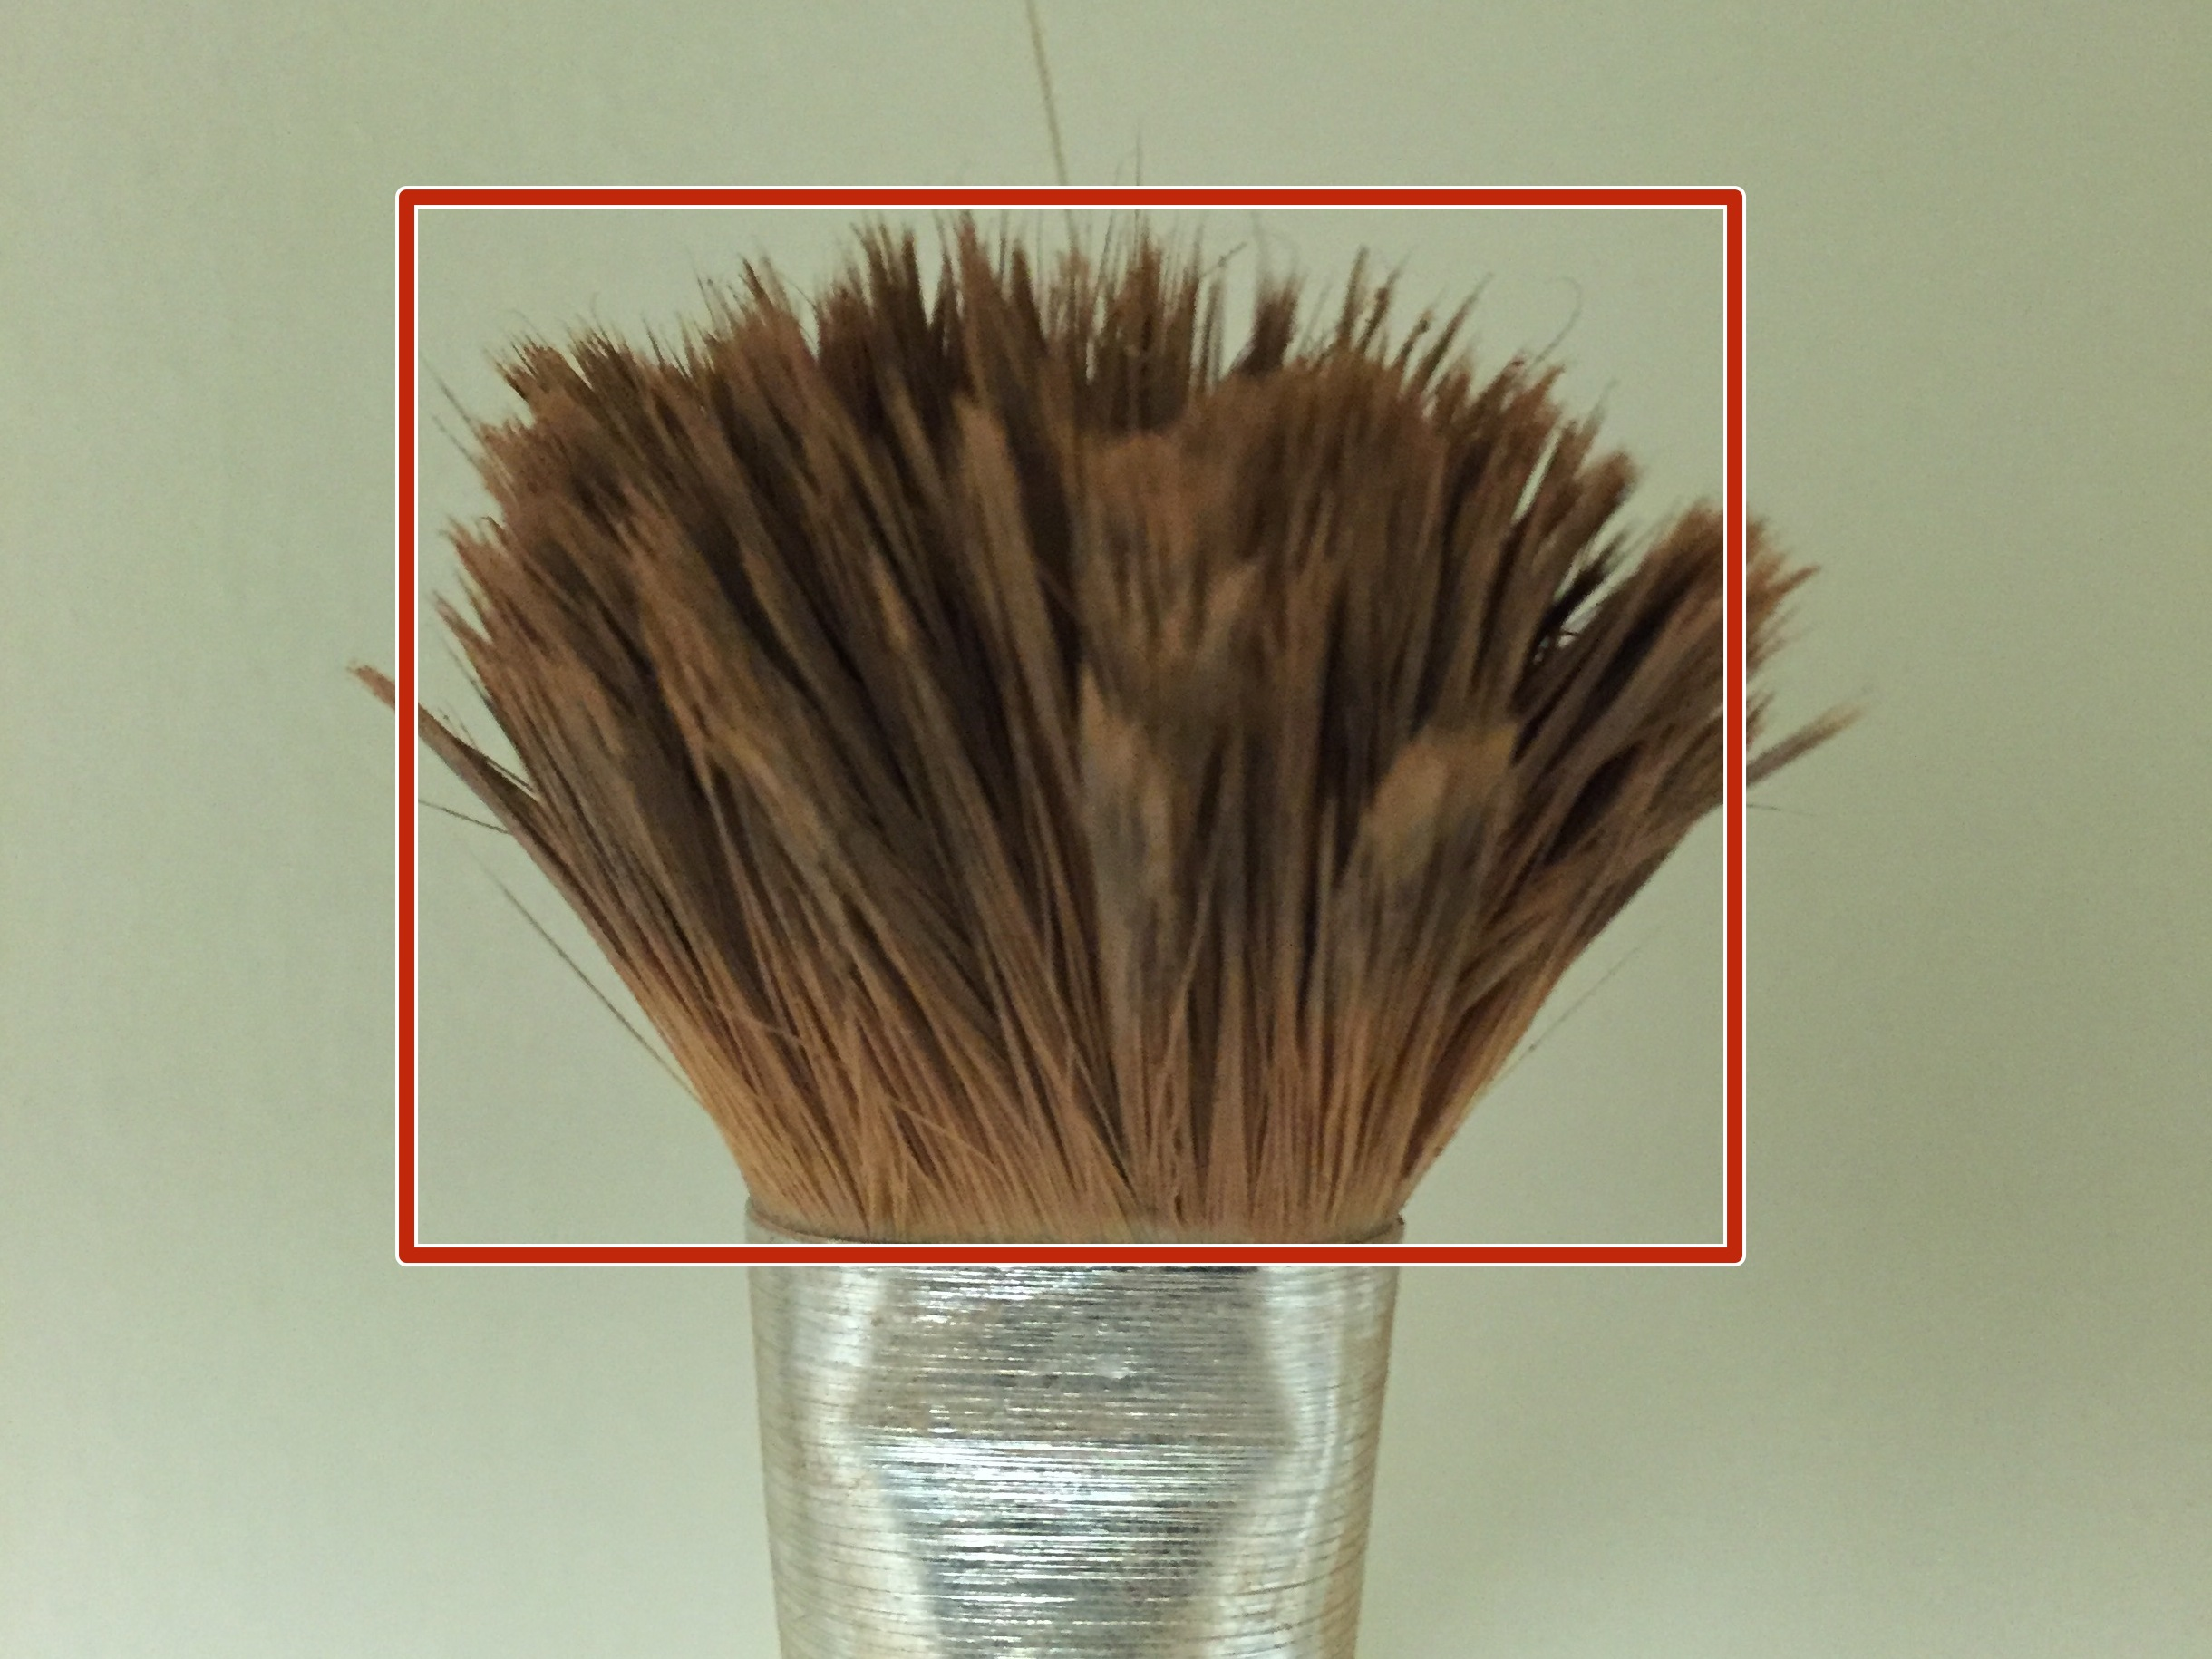 repairing paint brush bristles ifixit repair guide